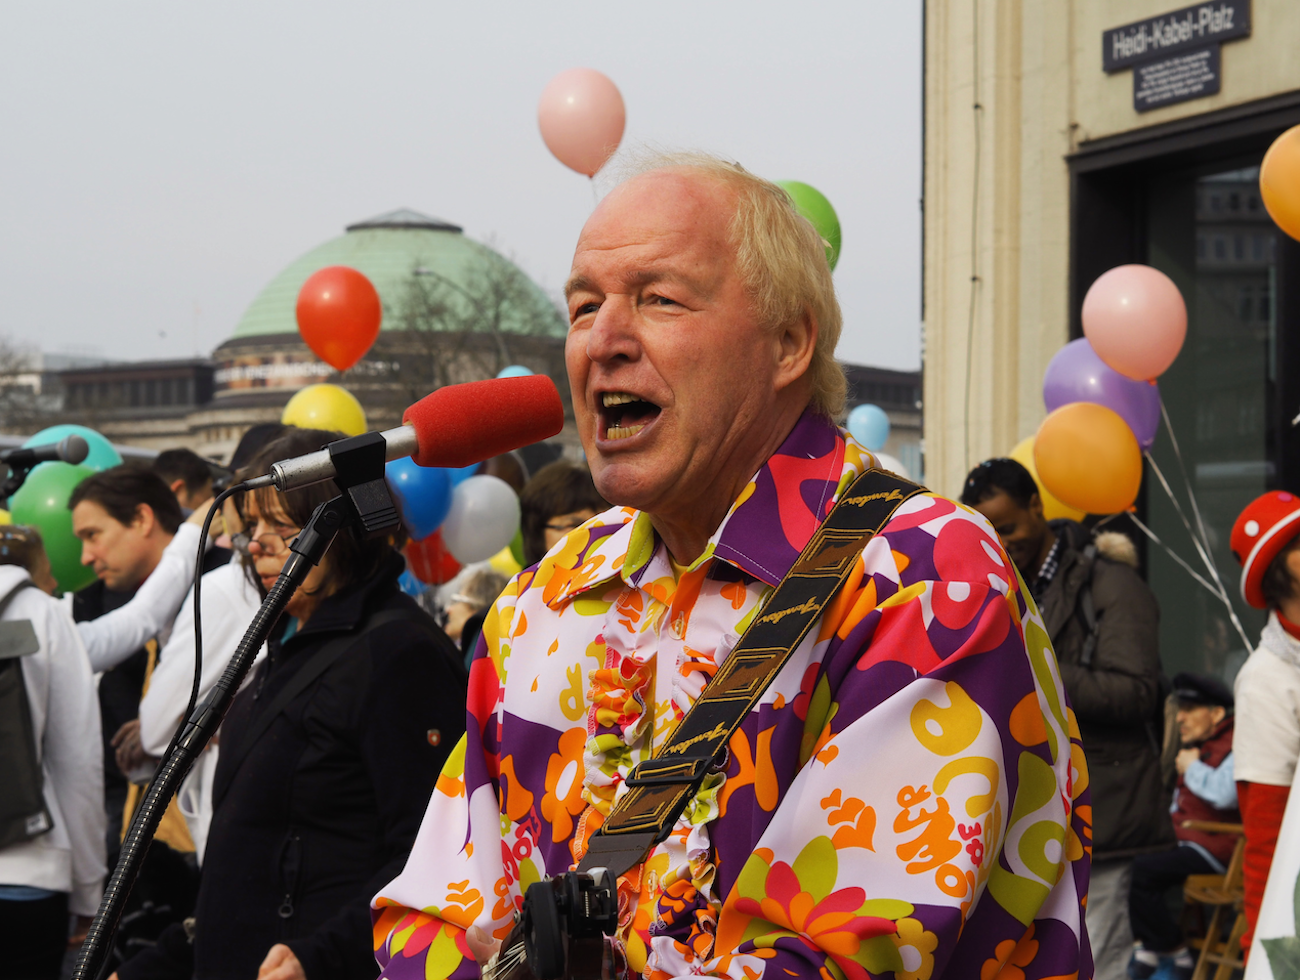 Musik und gute Stimmung bei der Konfetti-Parade 2017 in Hamburg